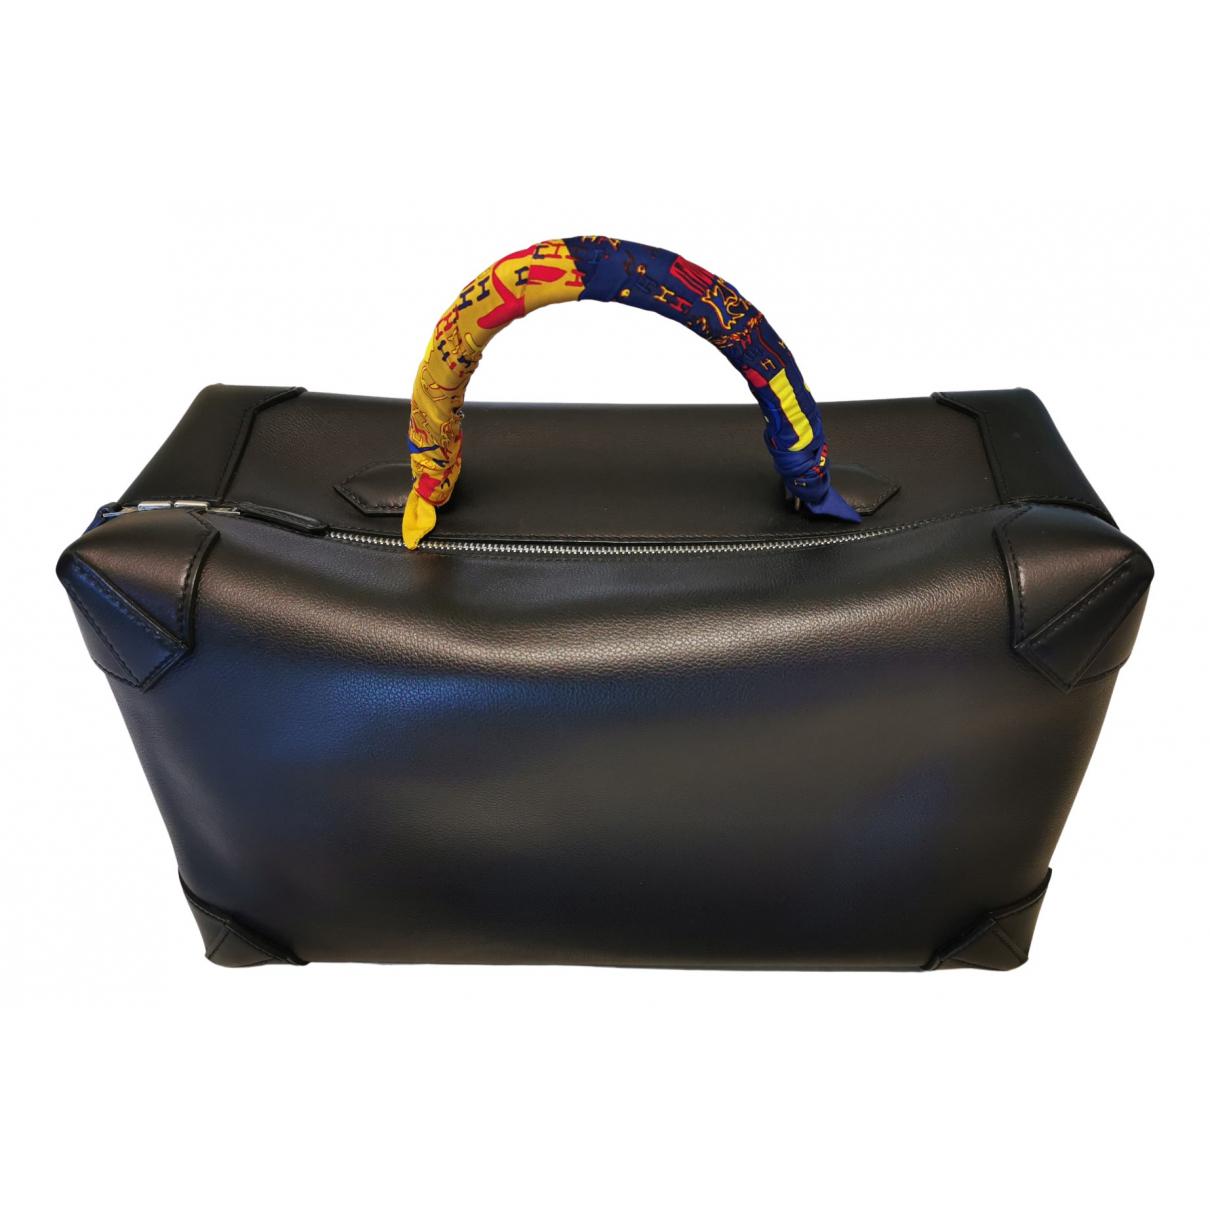 Hermes - Sac de voyage Maxibox pour femme en cuir - noir